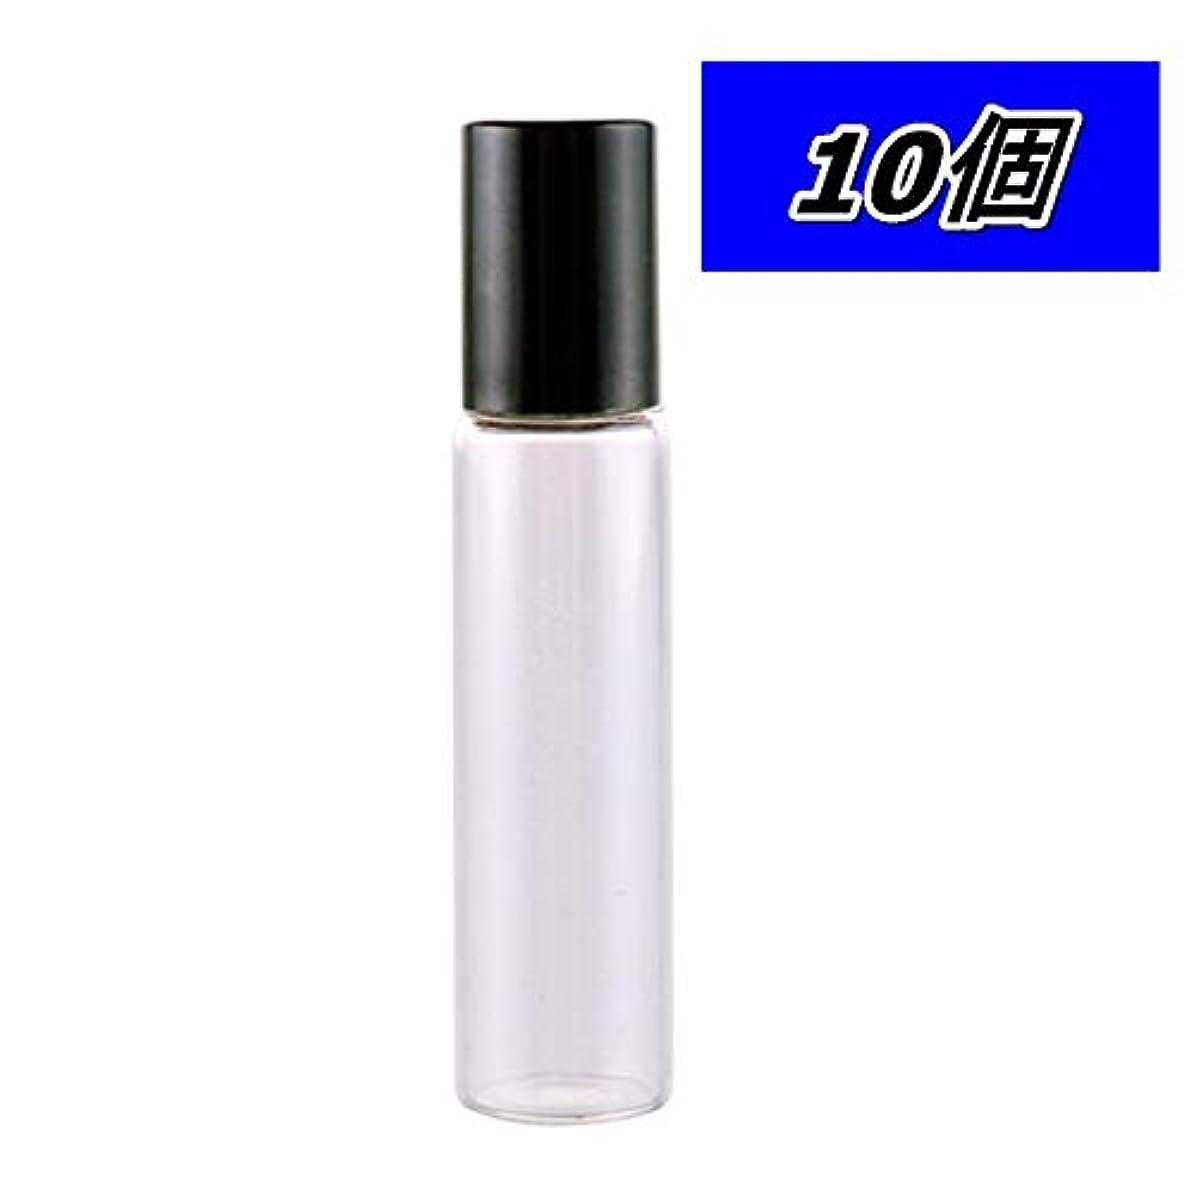 [SP] ロールオンボトル 容器 アロマ ボトル ガラス 瓶 透明 クリア 香水 小分け 持ち運び 10ml 10本 セット